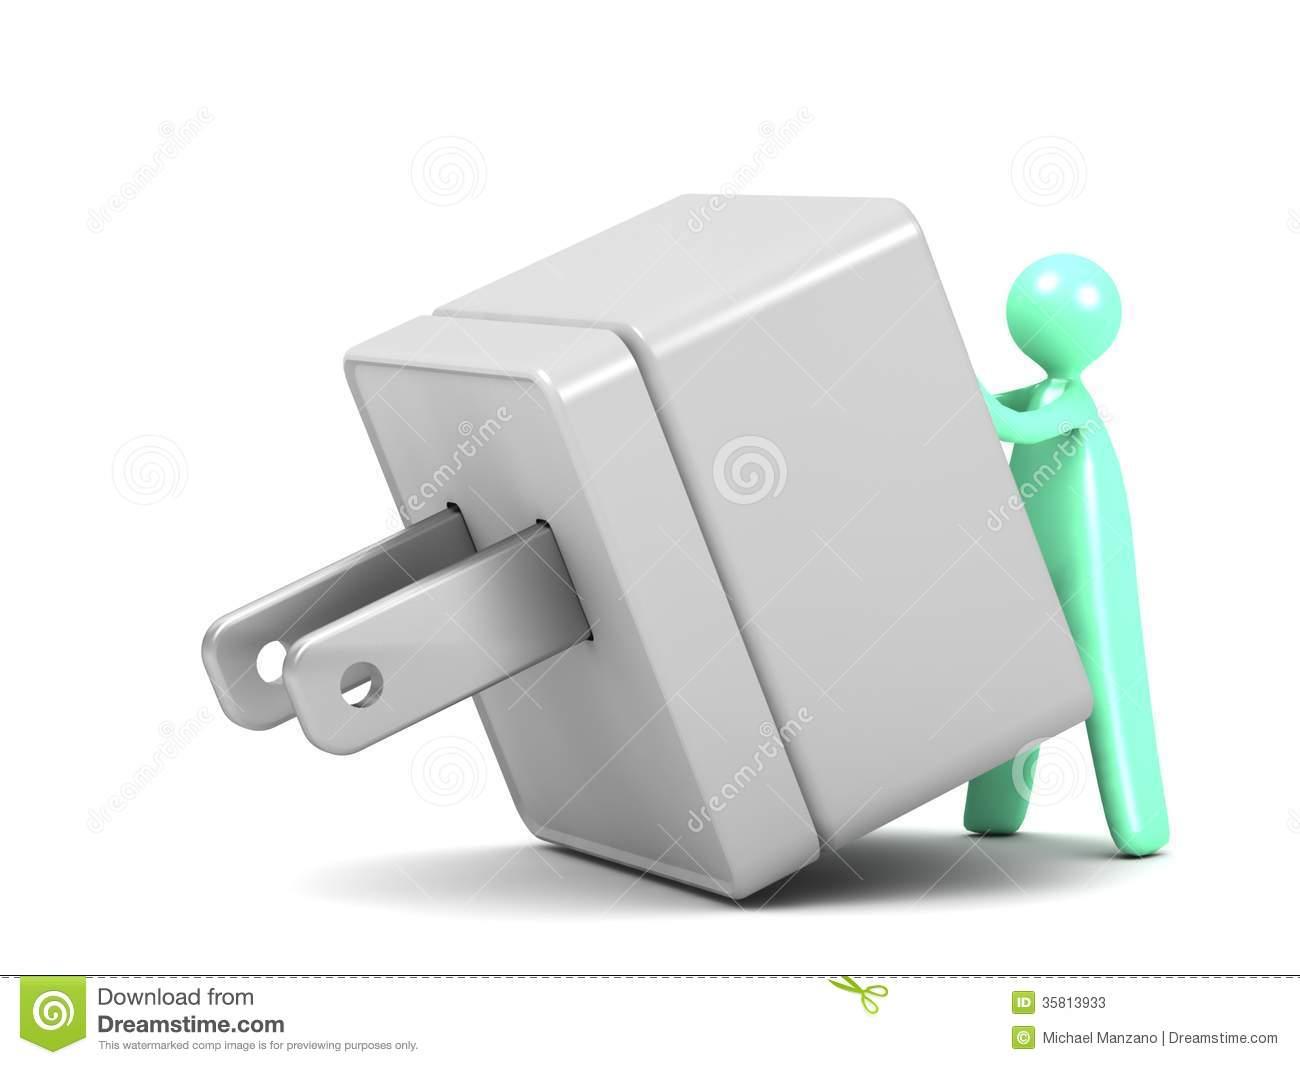 Cartoon Man Using An Electrical Plug Adapter Stock Photos.